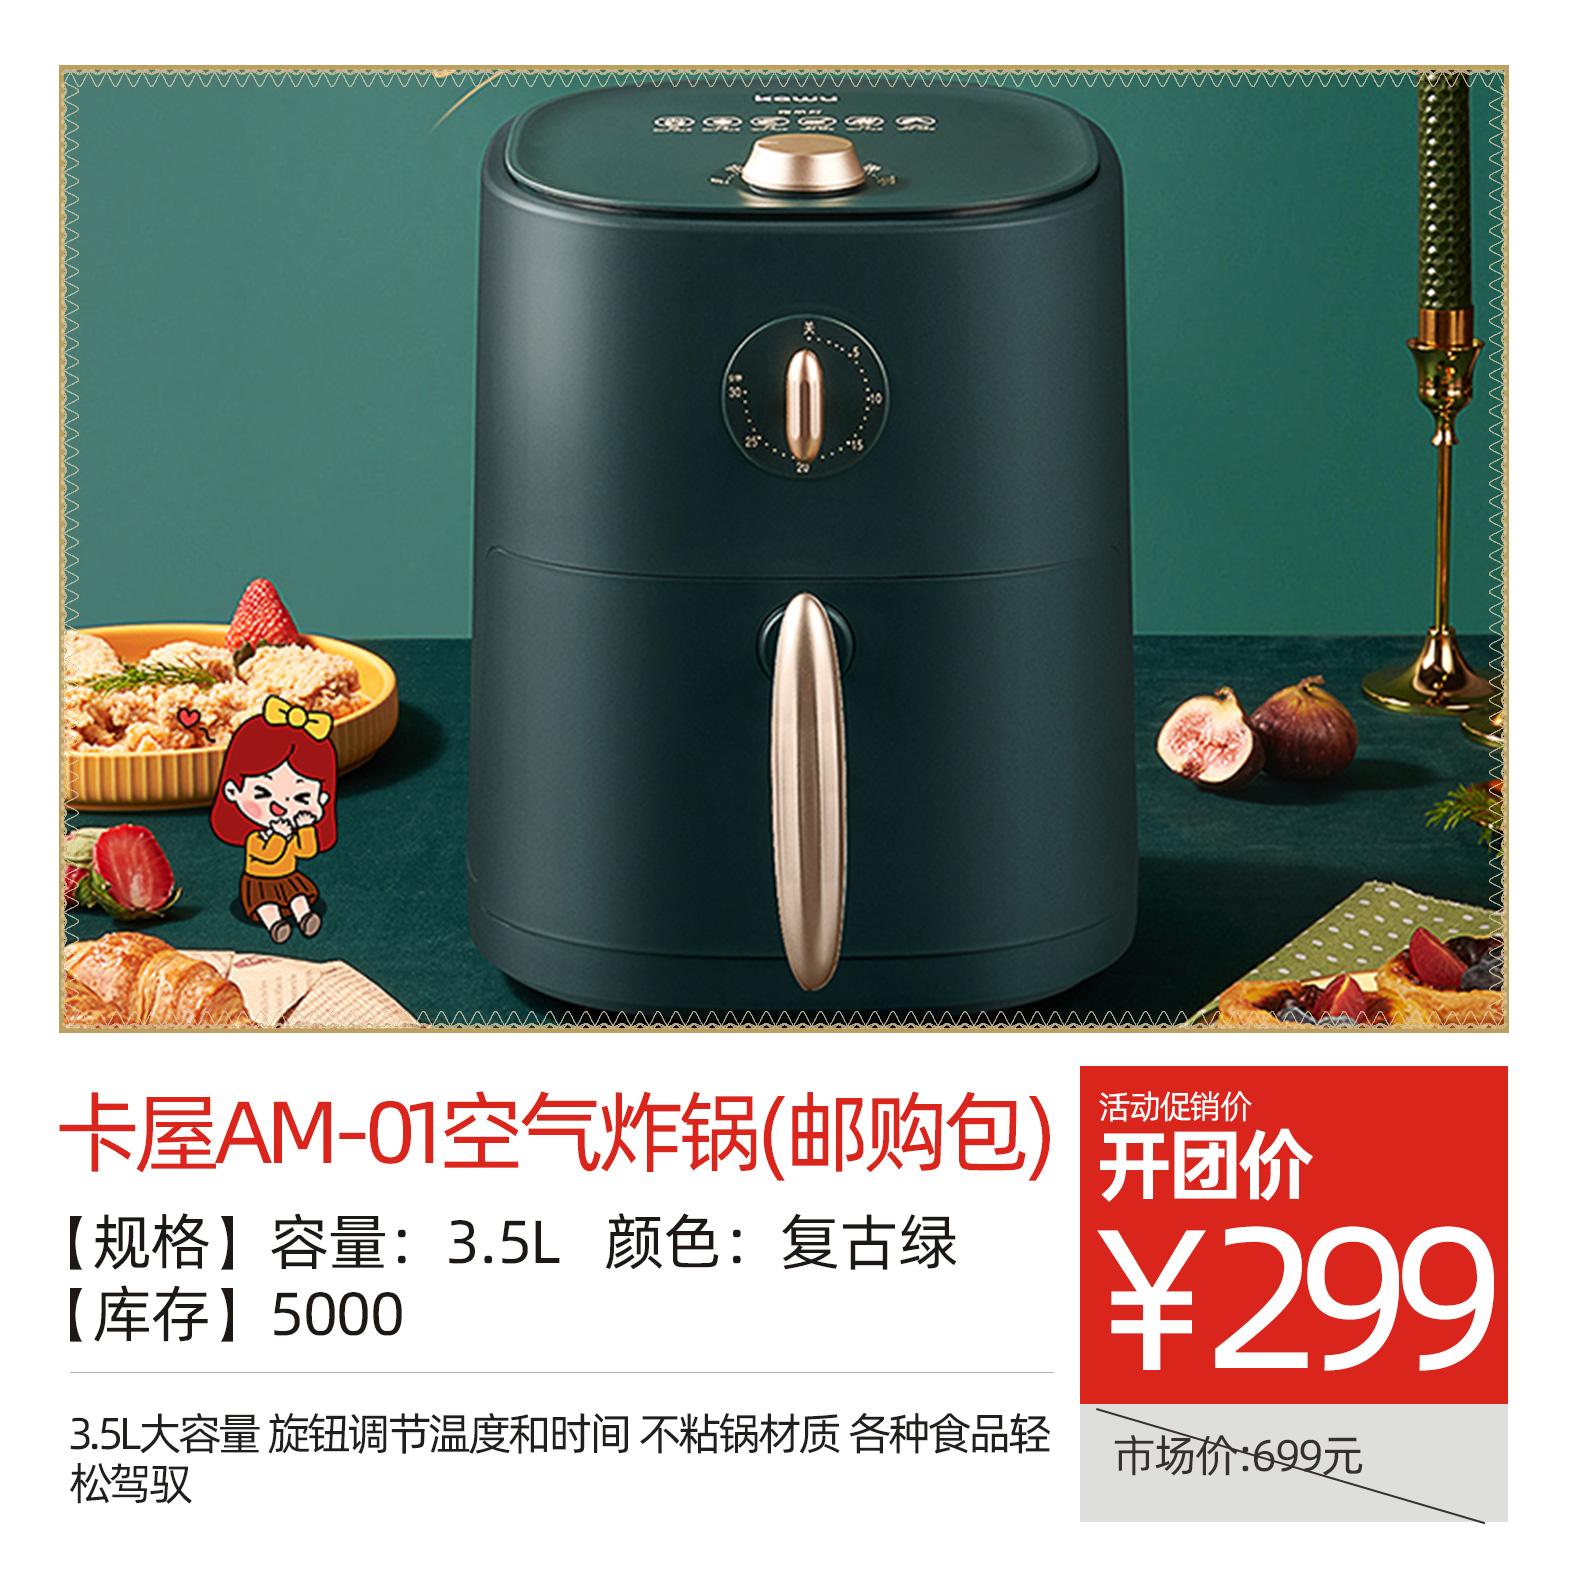 卡屋AM-01空气炸锅(邮购包)